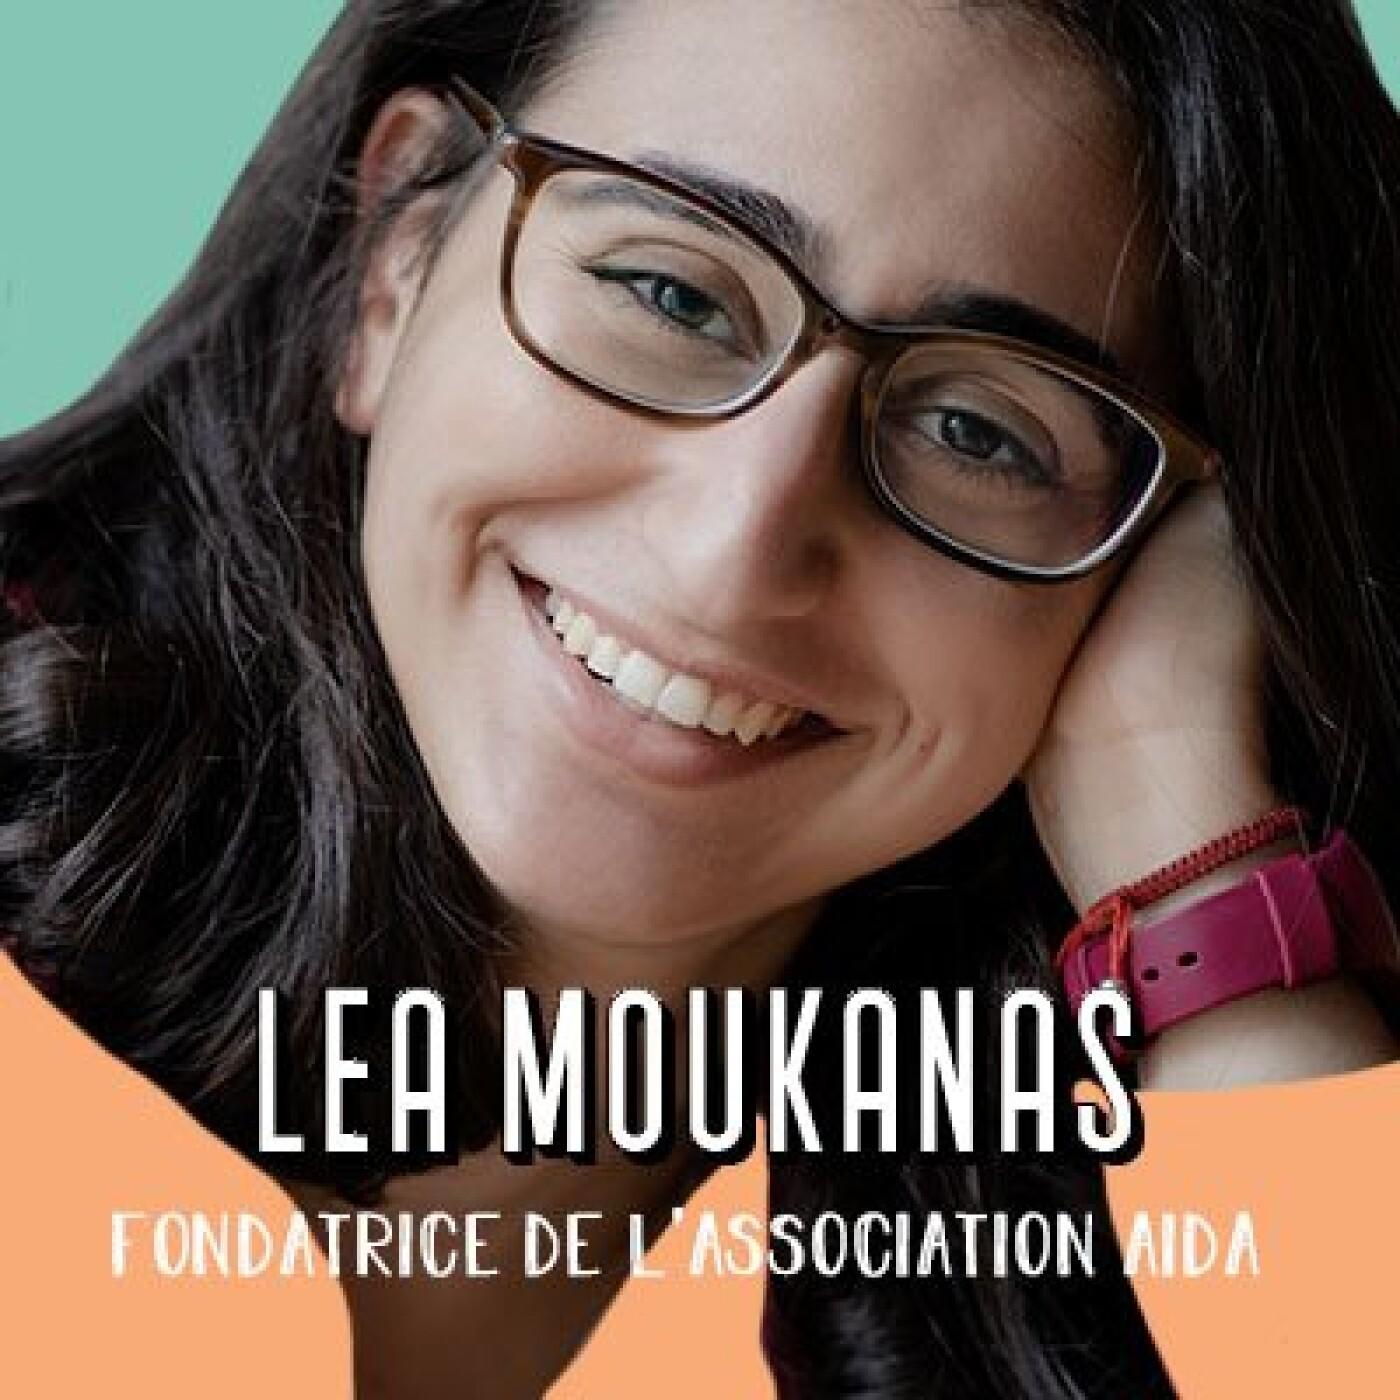 Léa Moukanas, 21 ans et à la tête de 80 000 personnes - Vous êtes légitime